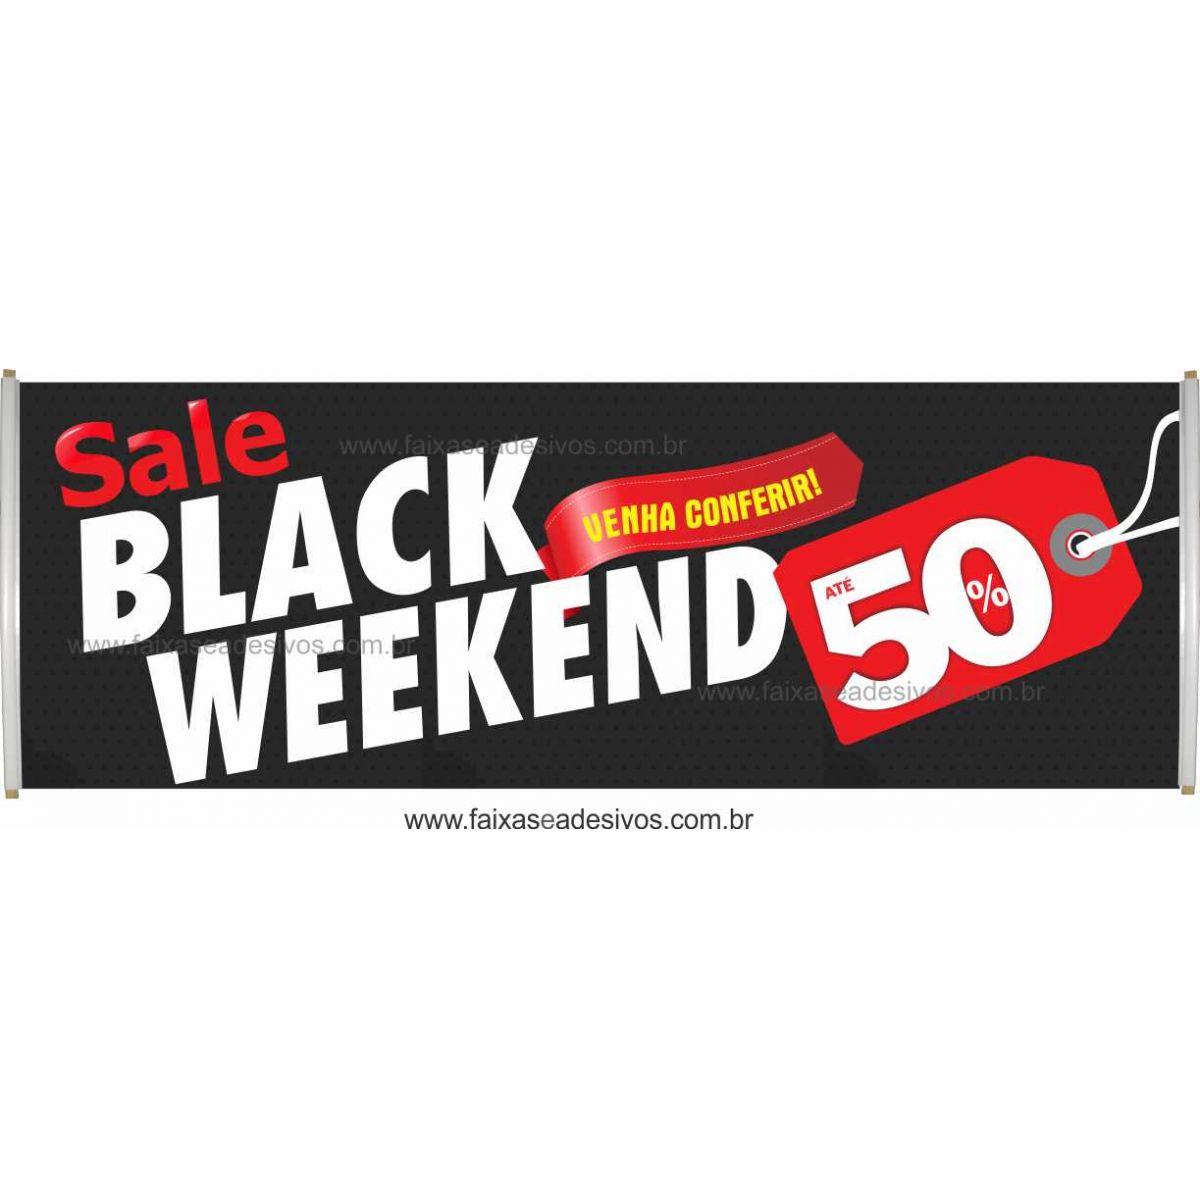 103- Black Weekend - Faixa   - Fac Signs